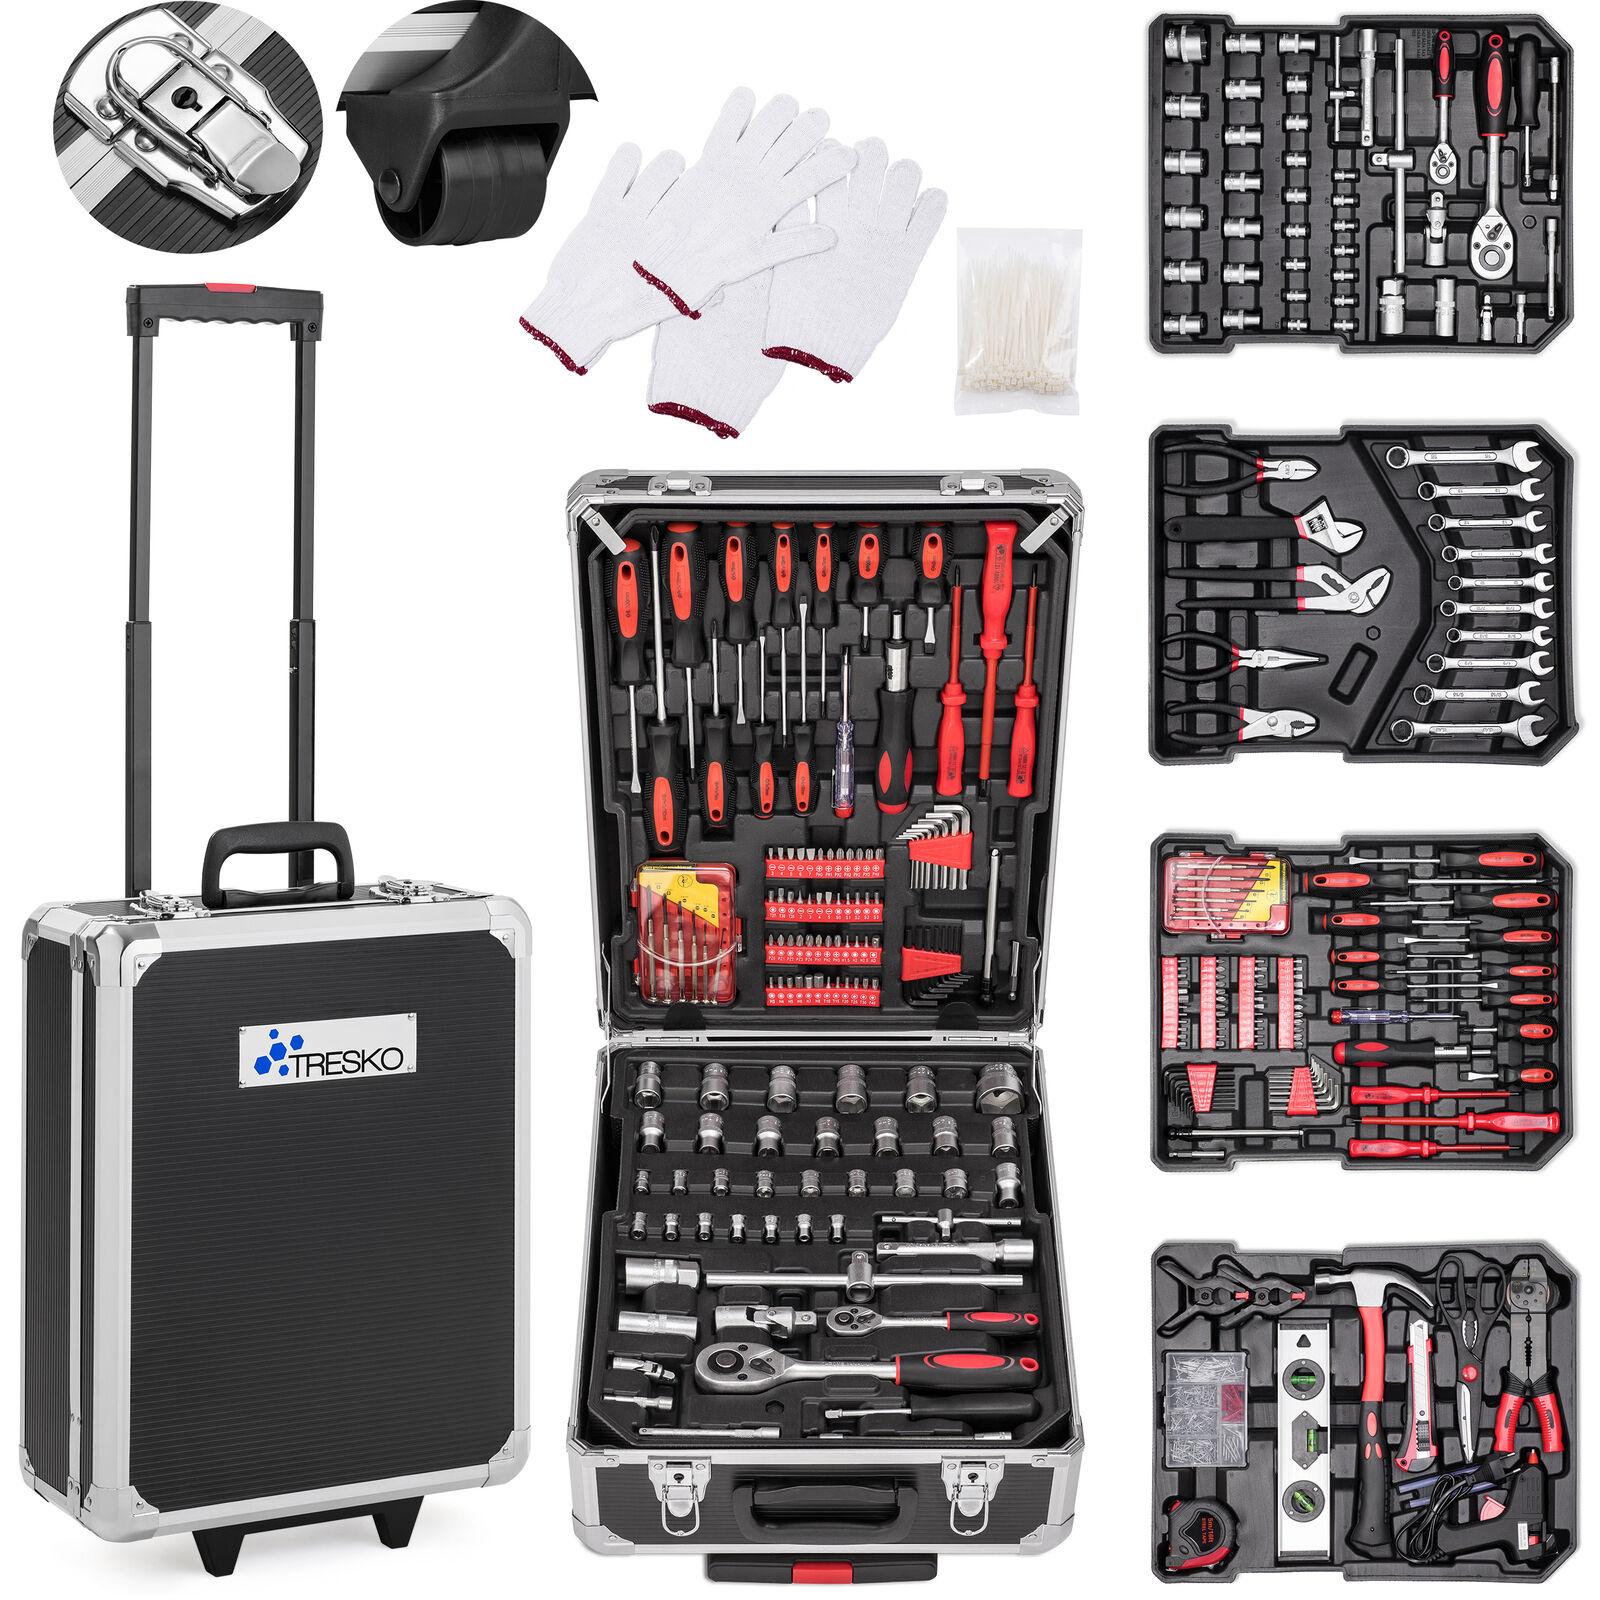 735 tlg Werkzeugkoffer Werkzeugkasten Werkzeugbox Werkzeugkiste Trolley Set